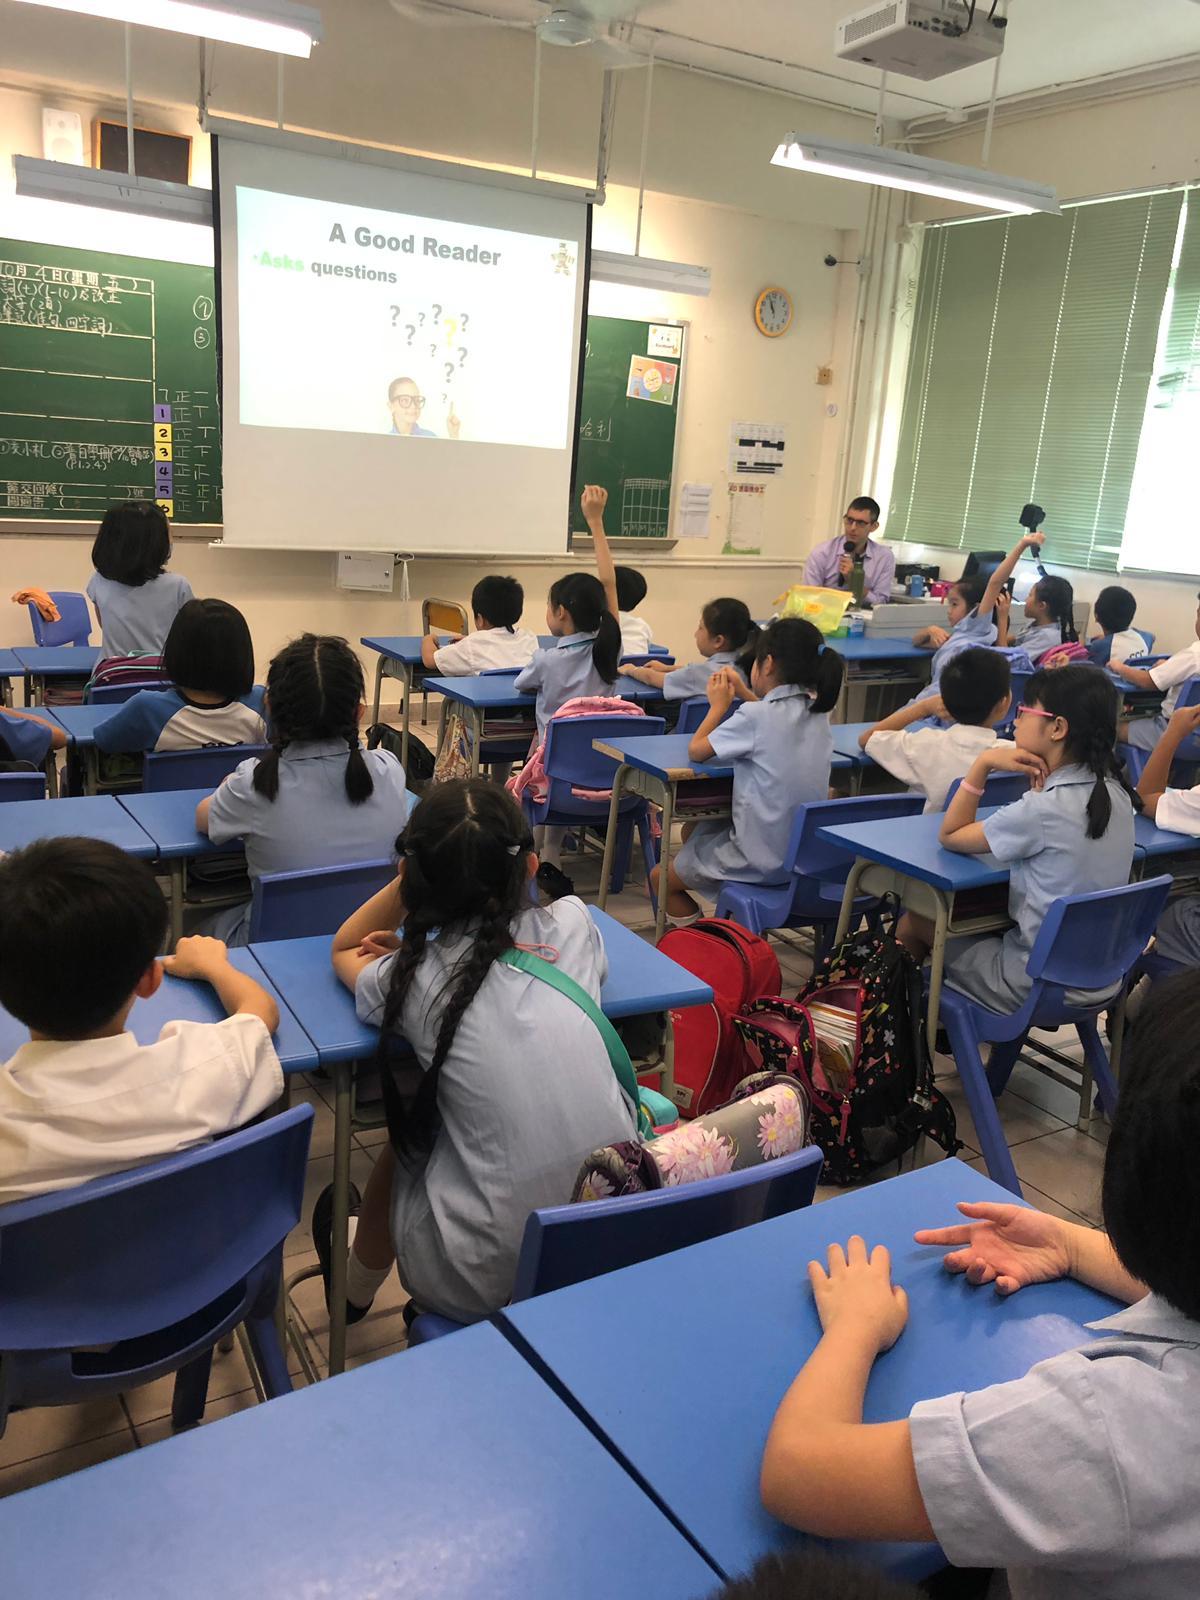 http://www.keiwan.edu.hk/sites/default/files/img-20191005-wa0009.jpg